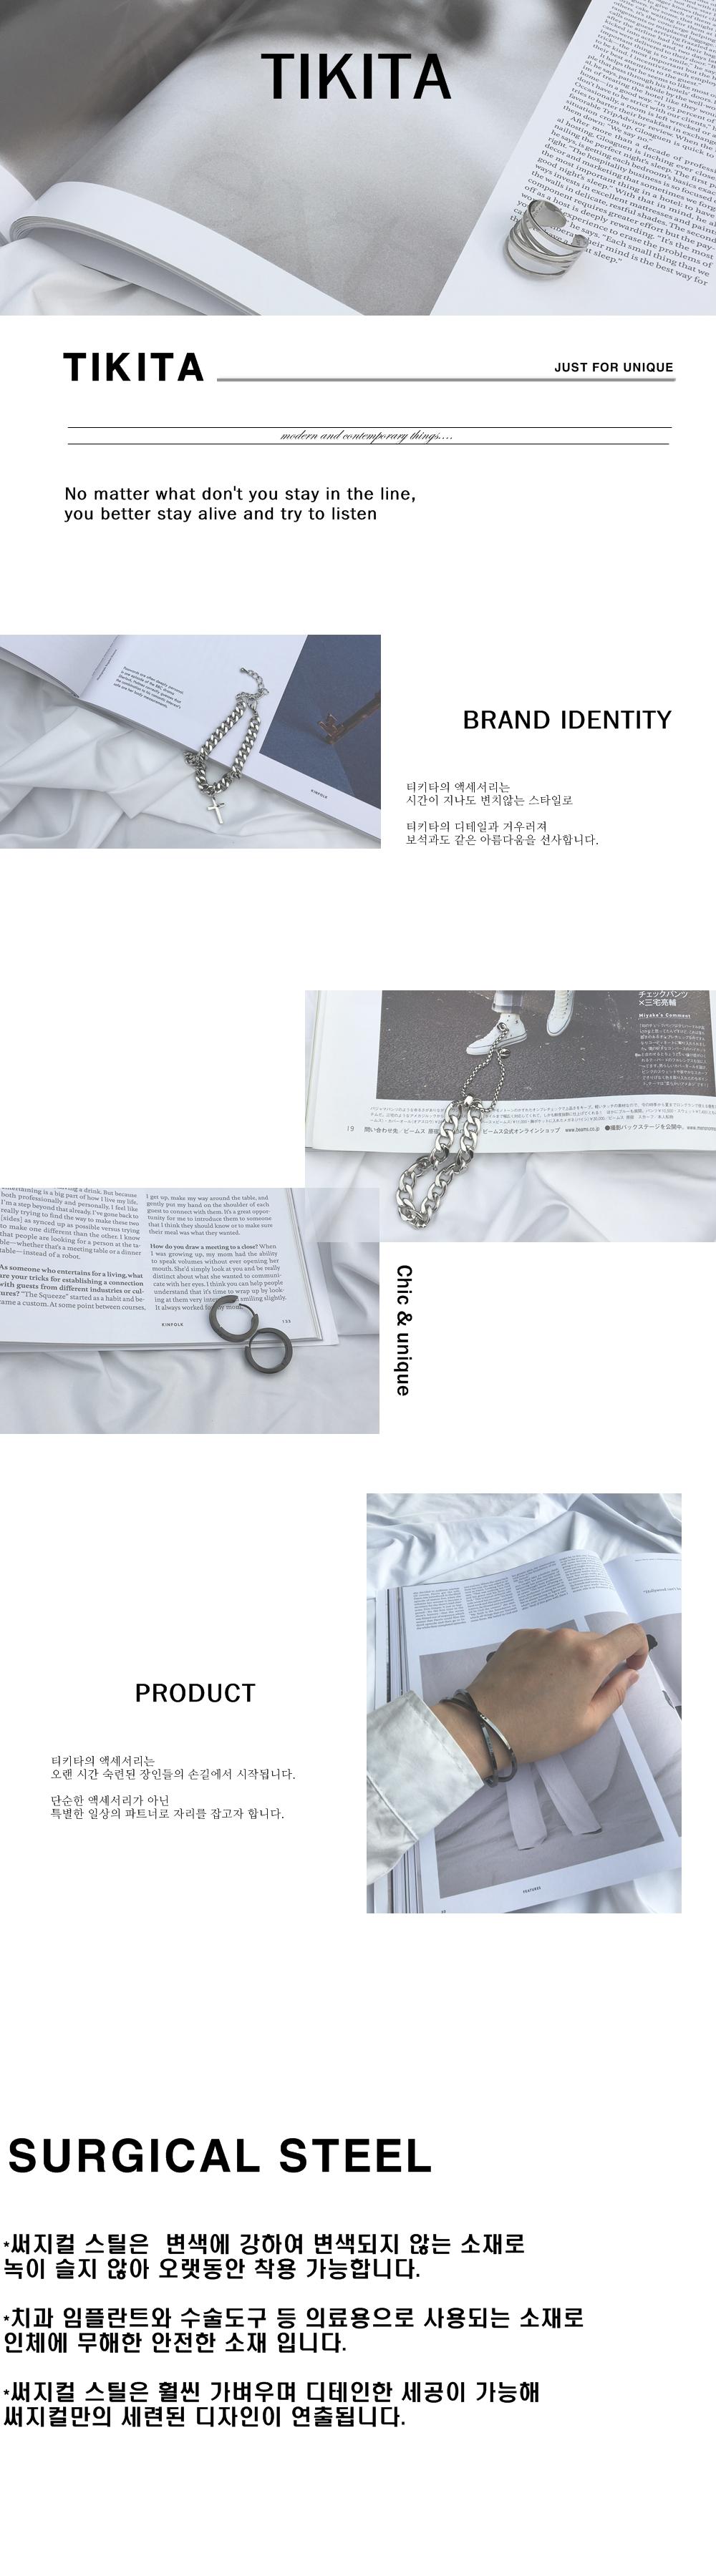 남자 귀걸이 이어커프 링 피어싱 써지컬 스틸 strggl - 티키타, 18,900원, 남성주얼리, 귀걸이